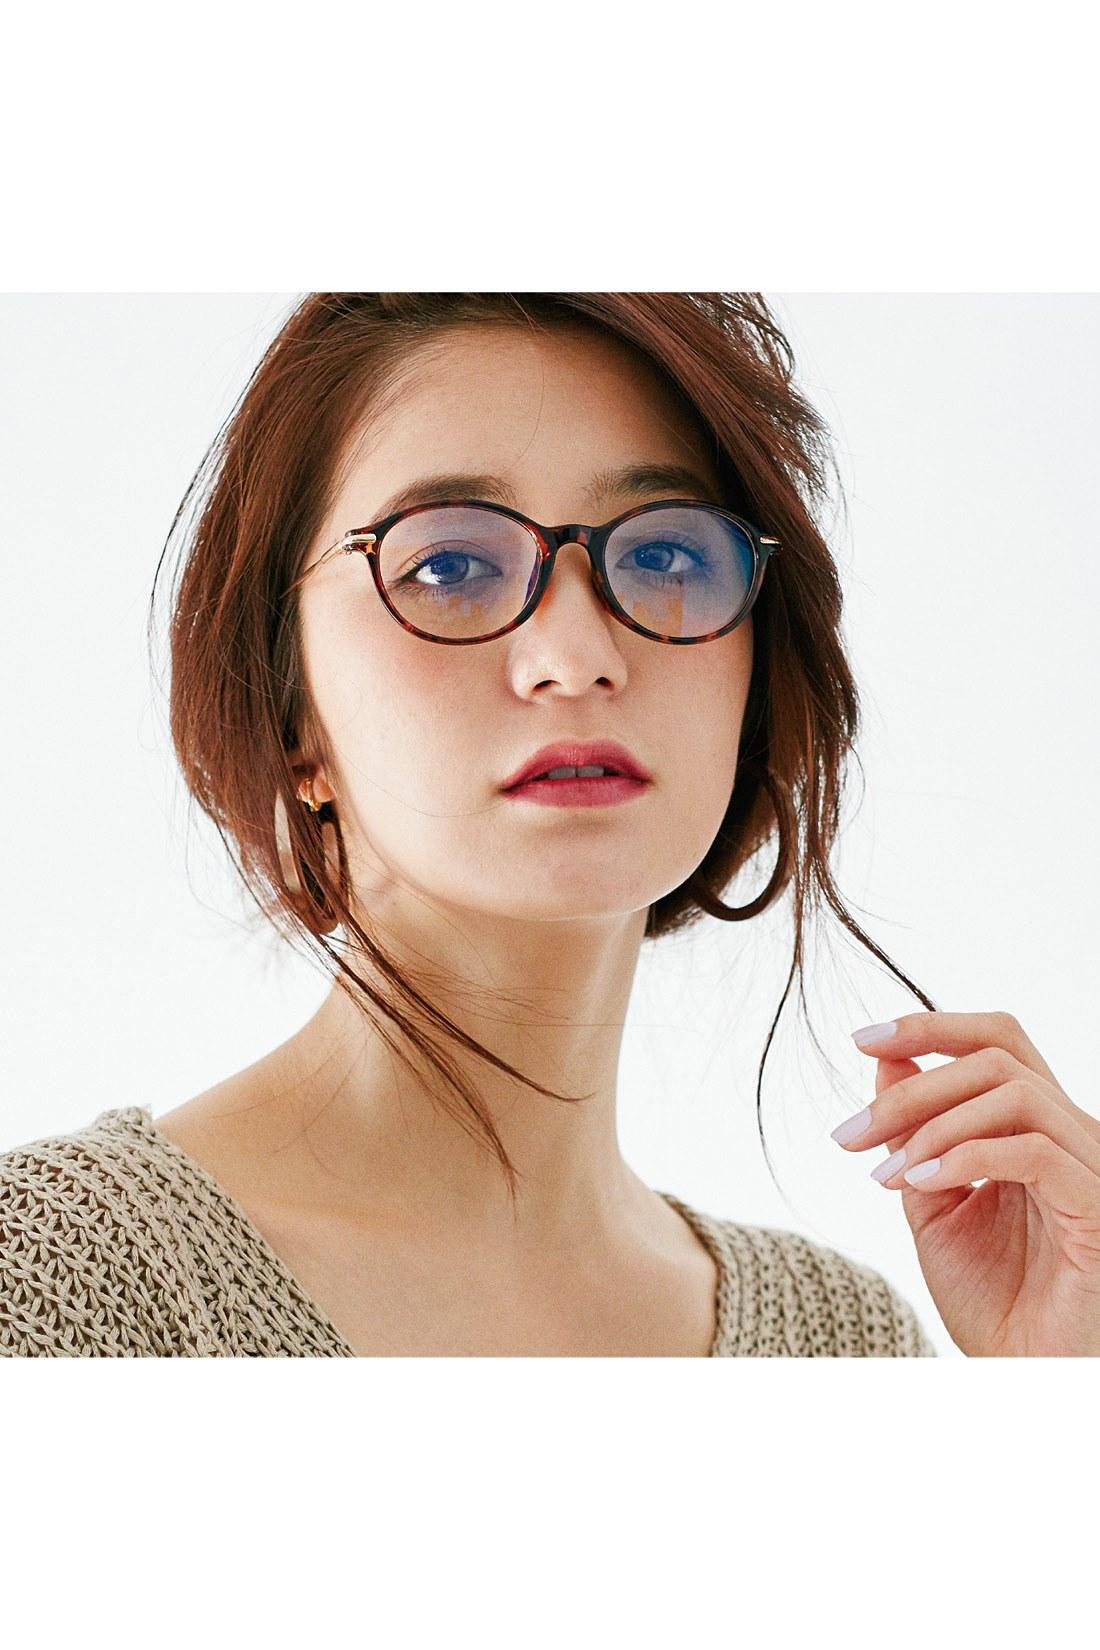 似合う人が多い、旬のラウンド型レンズを採用。少し大きめのレンズと細フレームが今年らしい!